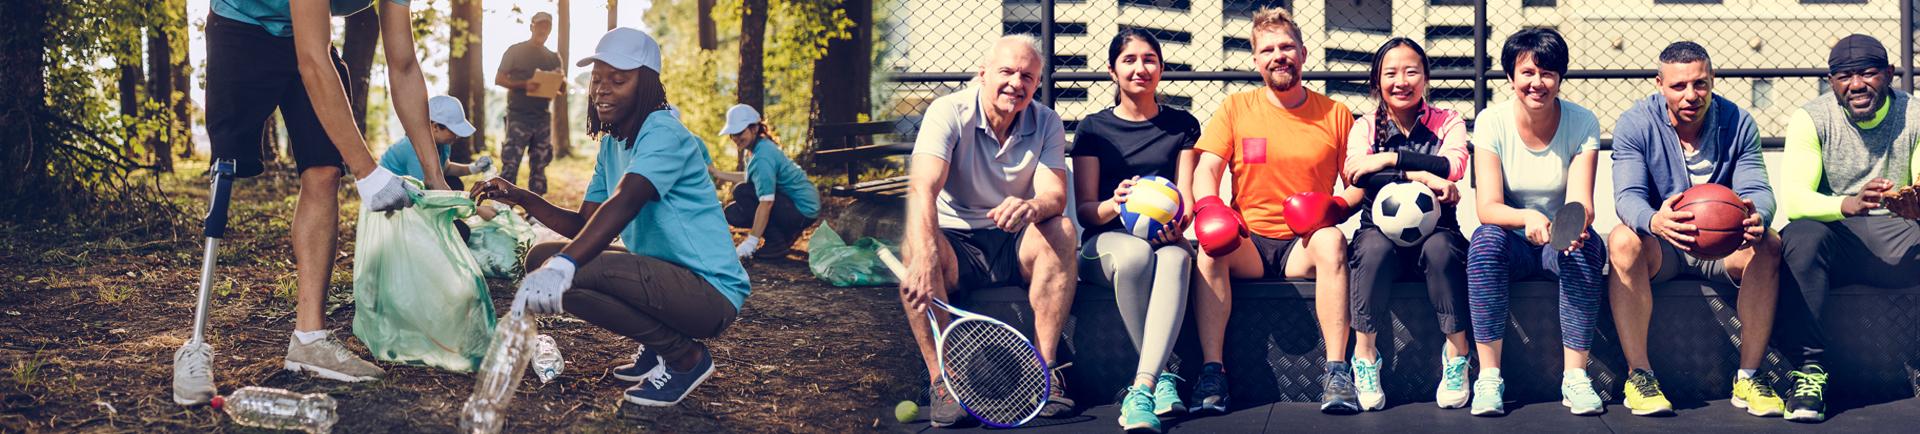 O lado esquerdo da imagem apresenta jovens a recolher lixo na floresta e do lado esquerdo da imagem  apresenta sete pessoas de várias idades e etnias sentadas num banco a sorrir. Umas com bolas e outra uma raquete na mão.